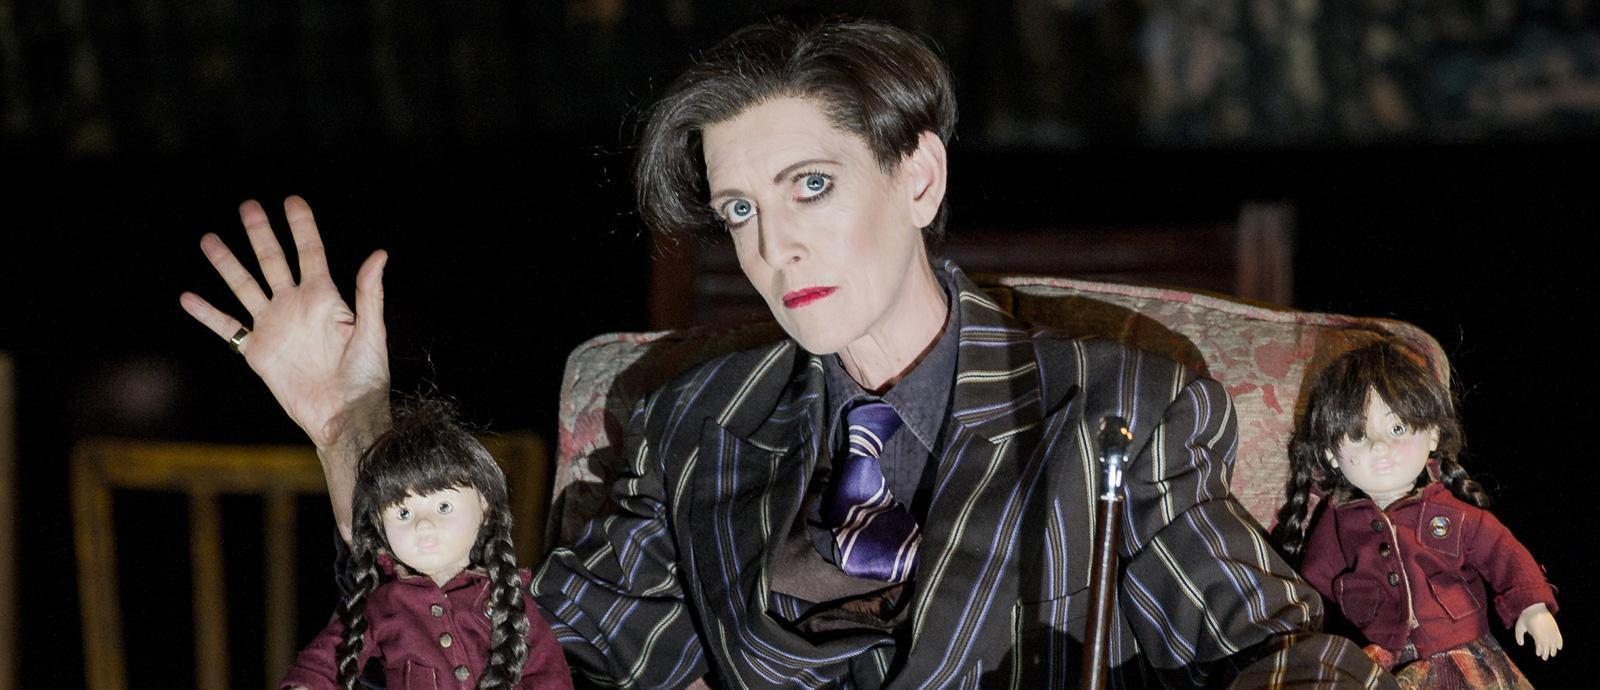 ENO Peter Grimes: Rebecca de Pont Davies as Auntie (c) Robert Workman